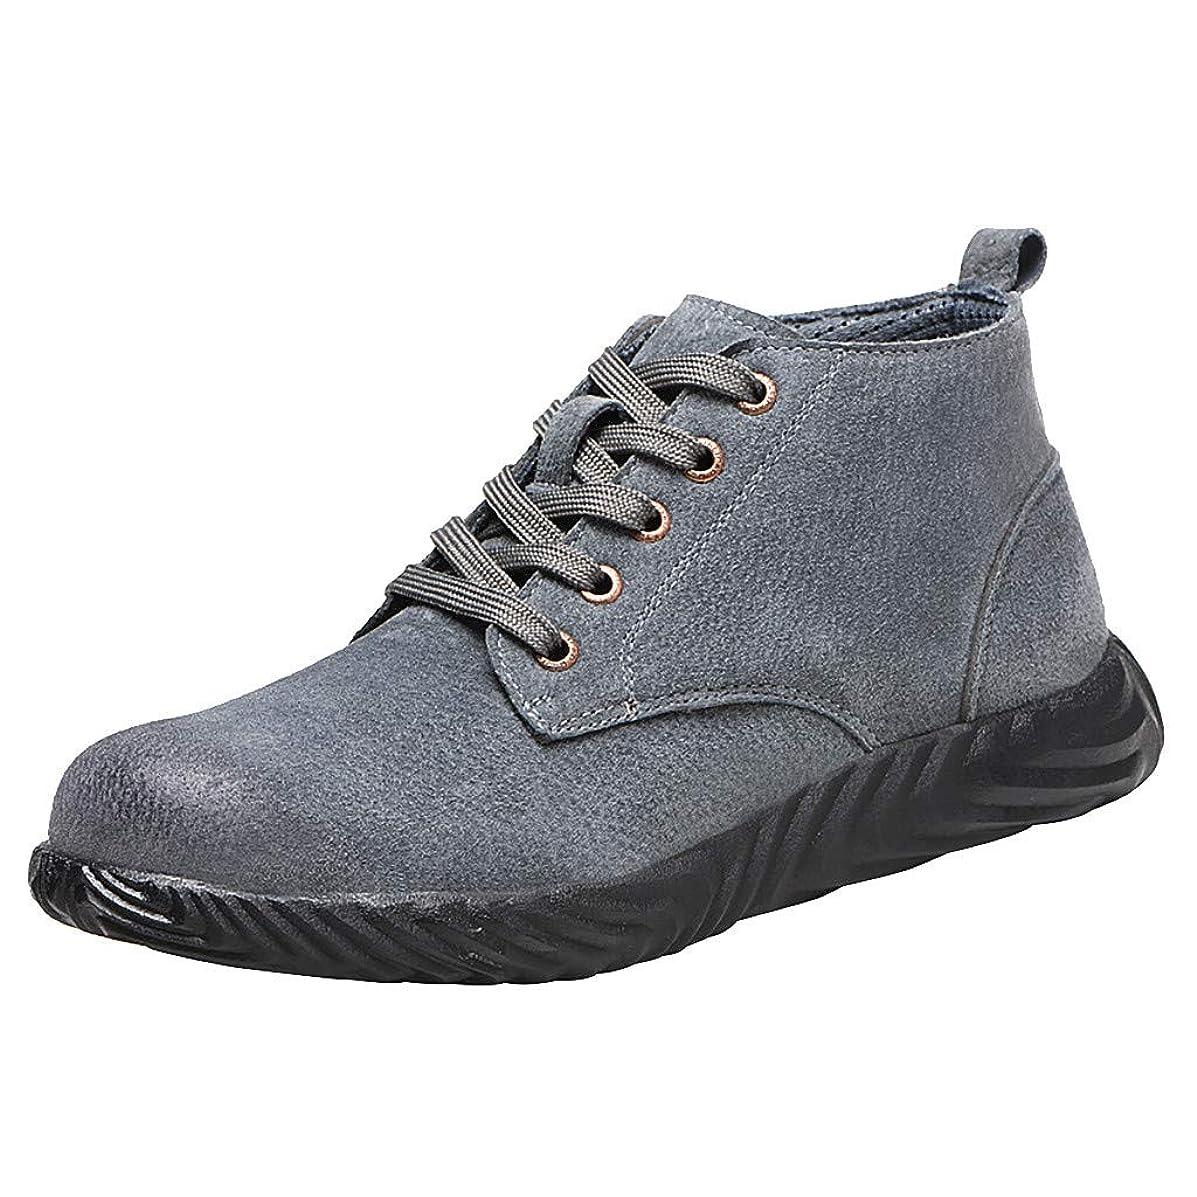 ビリー定規要旨[Sucute] 男性と女性 の通気性 の布鋼包頭 牛肉の腱底 抗スマッシングスタブ 保護靴 安全作業靴 保護靴 高い助け ファッショントレンド 海沿いの旅行に適しています (36-46)